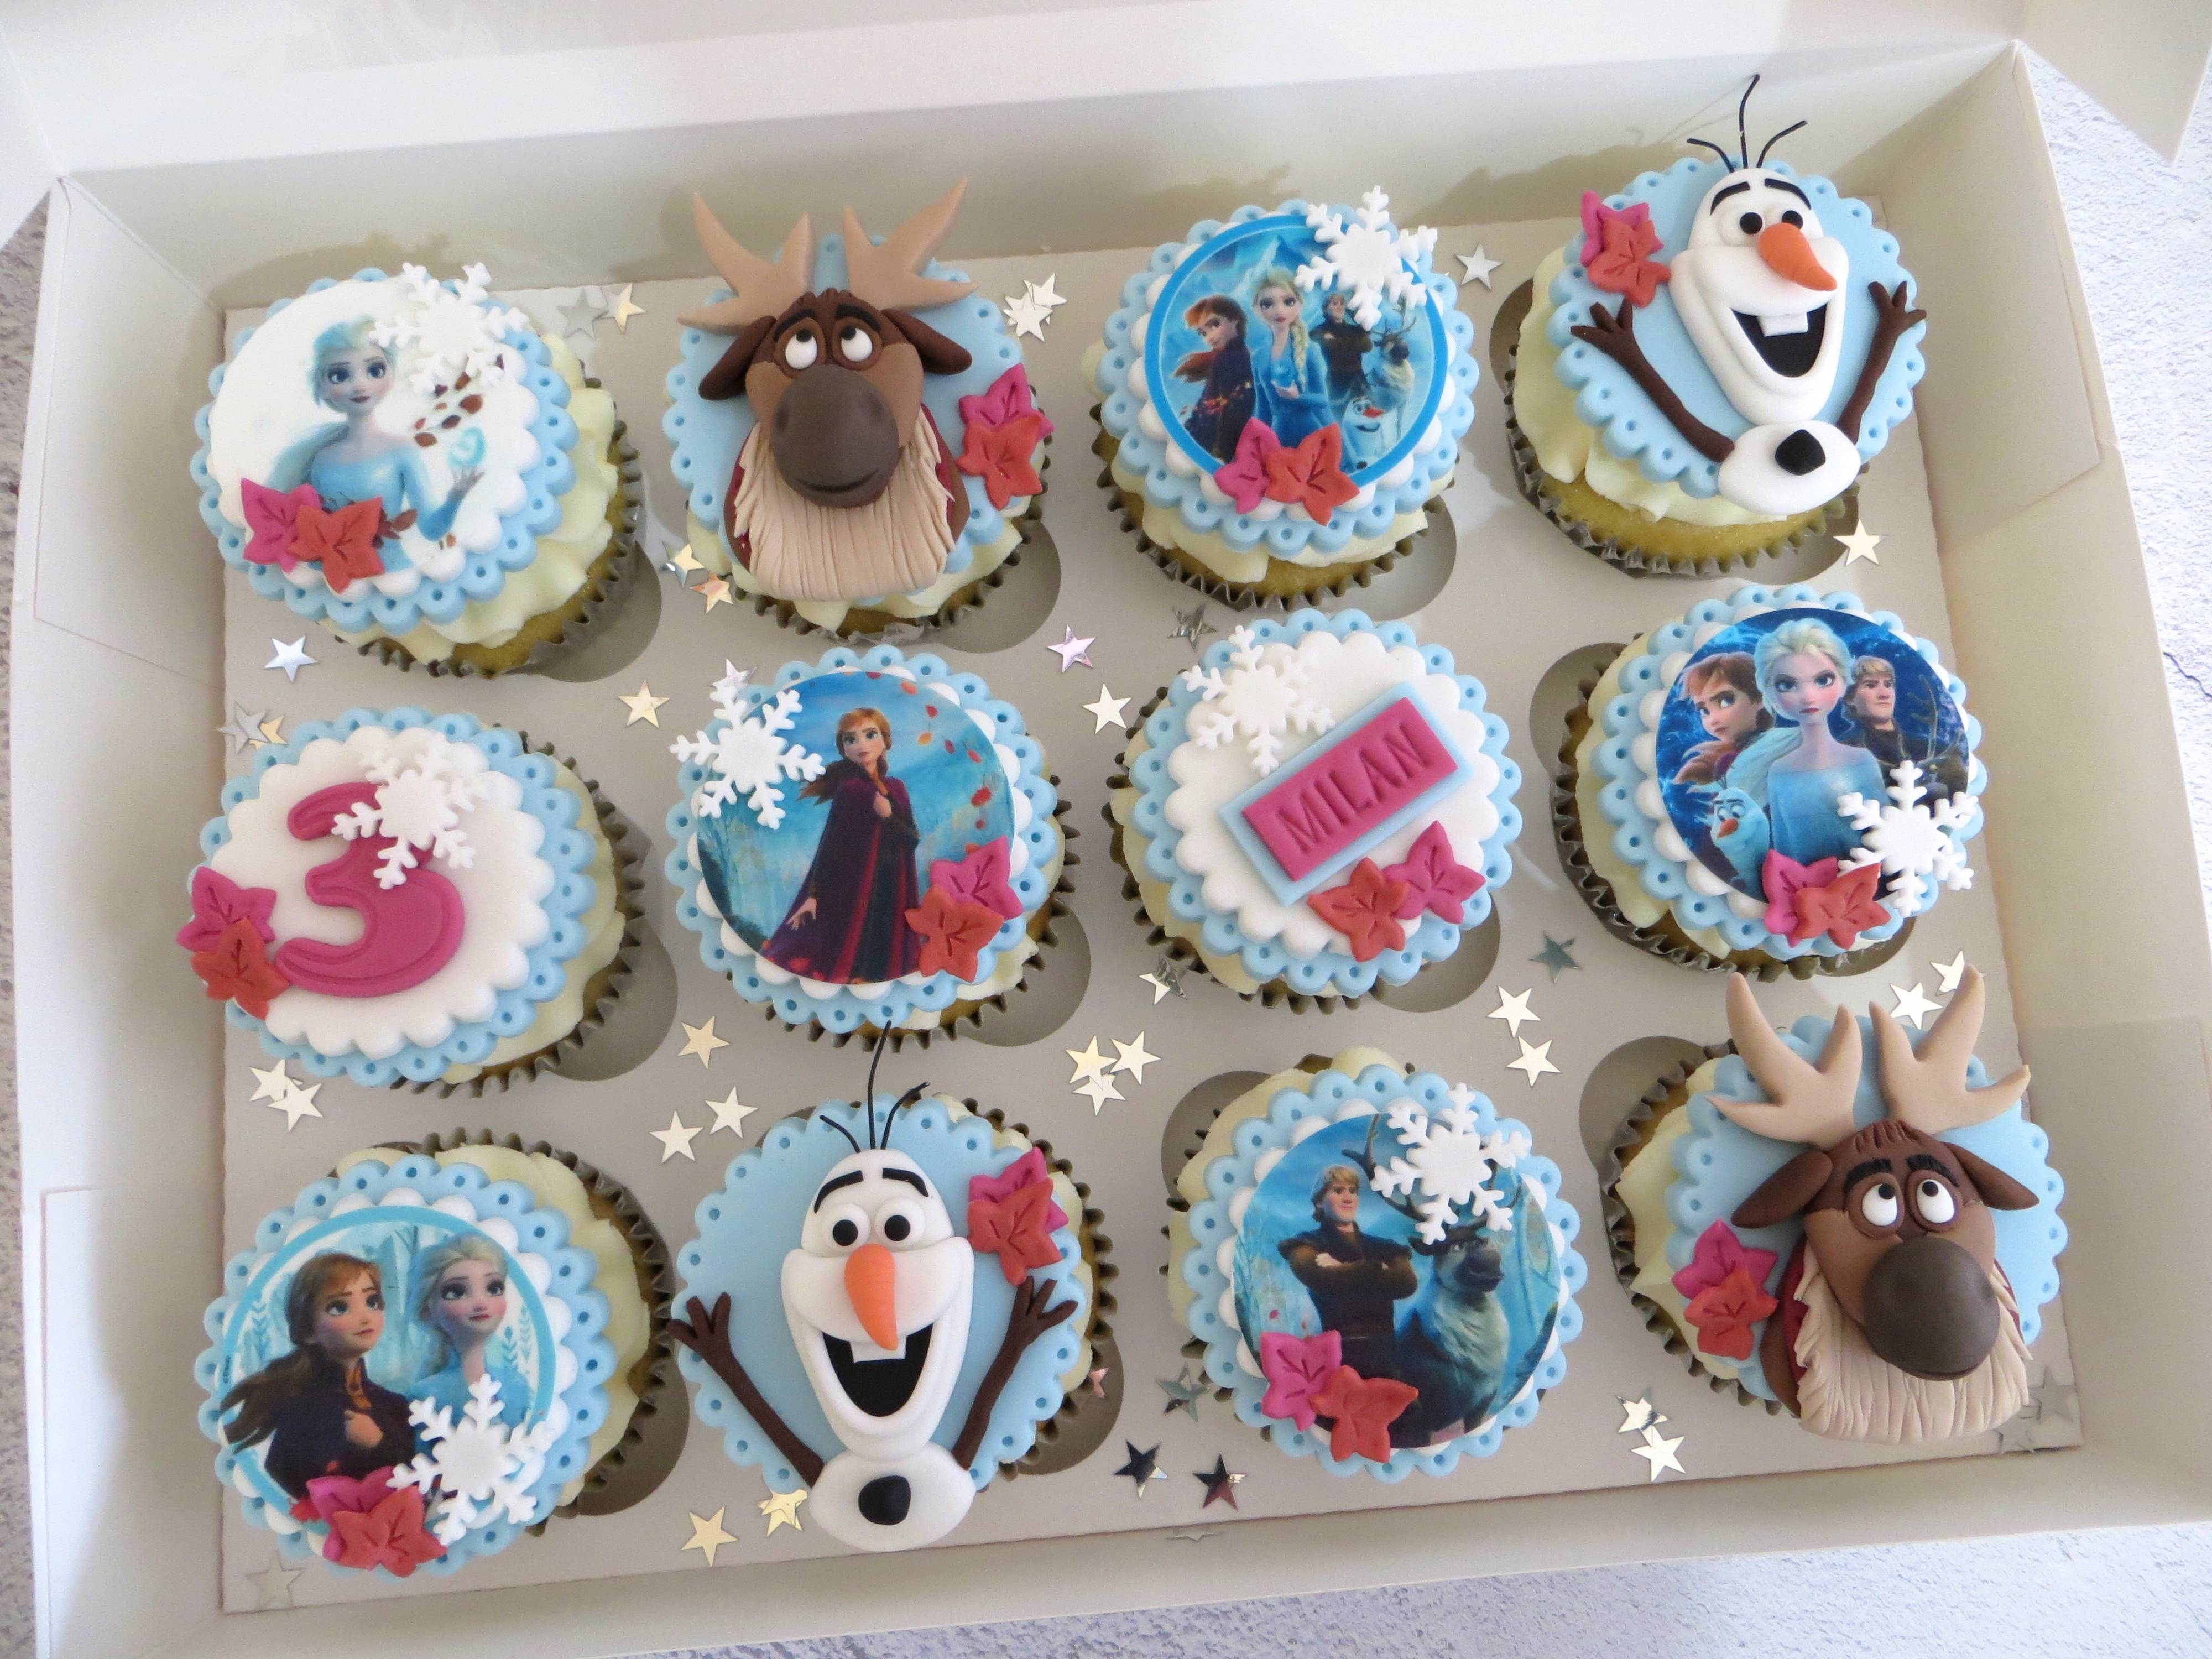 Milan's Birthday Cupcakes